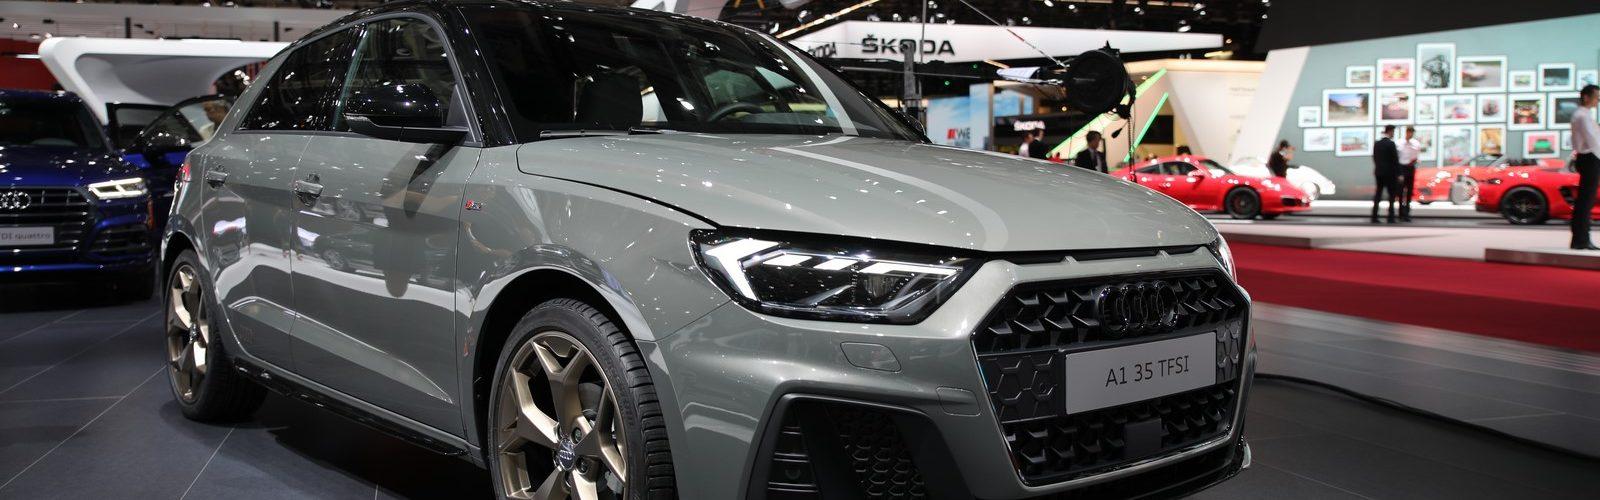 Audi A1 Sportback Mondial 2018 1